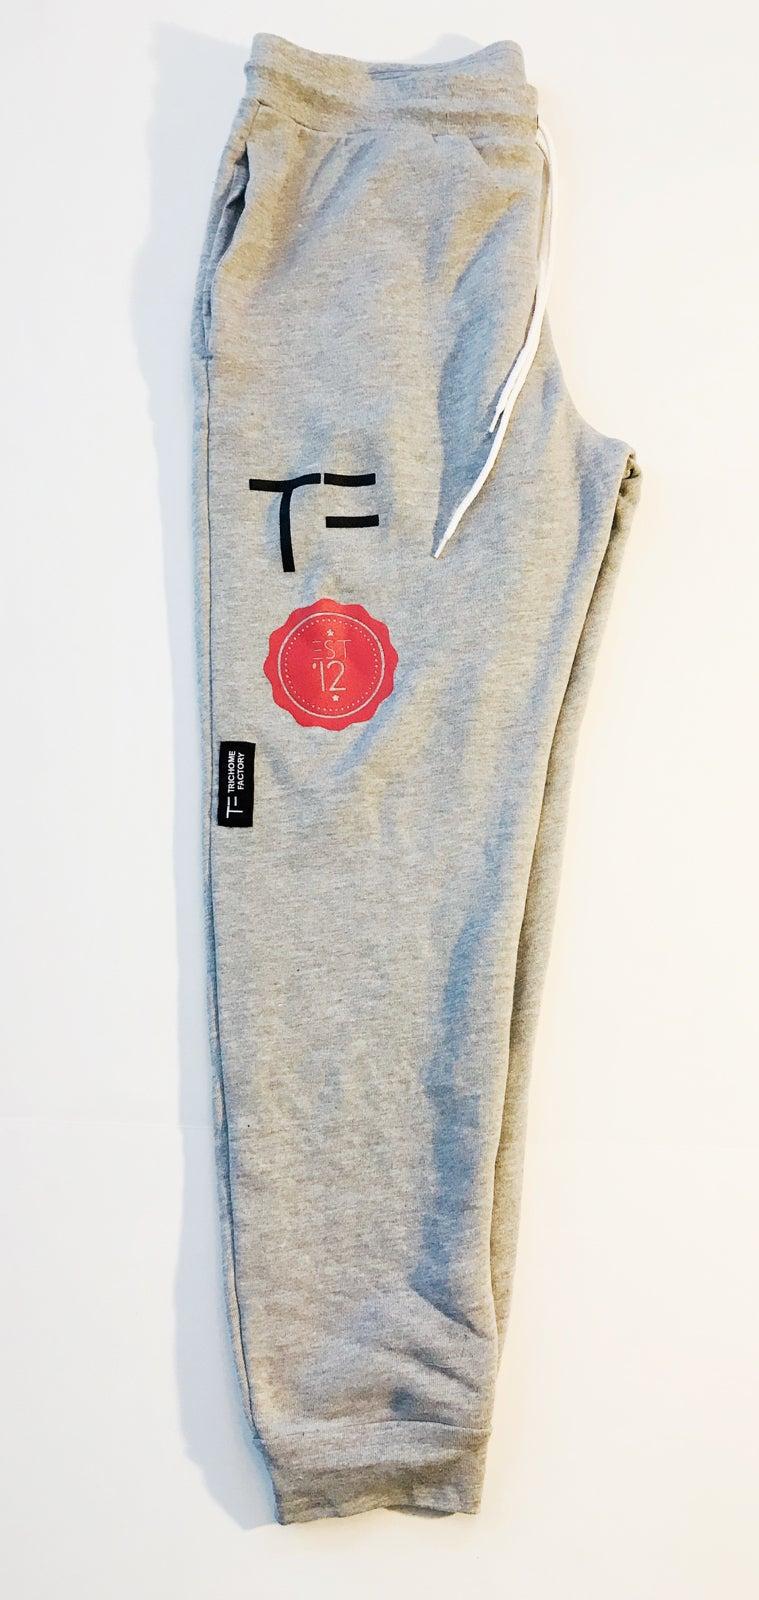 Image of TF Jogger Grey